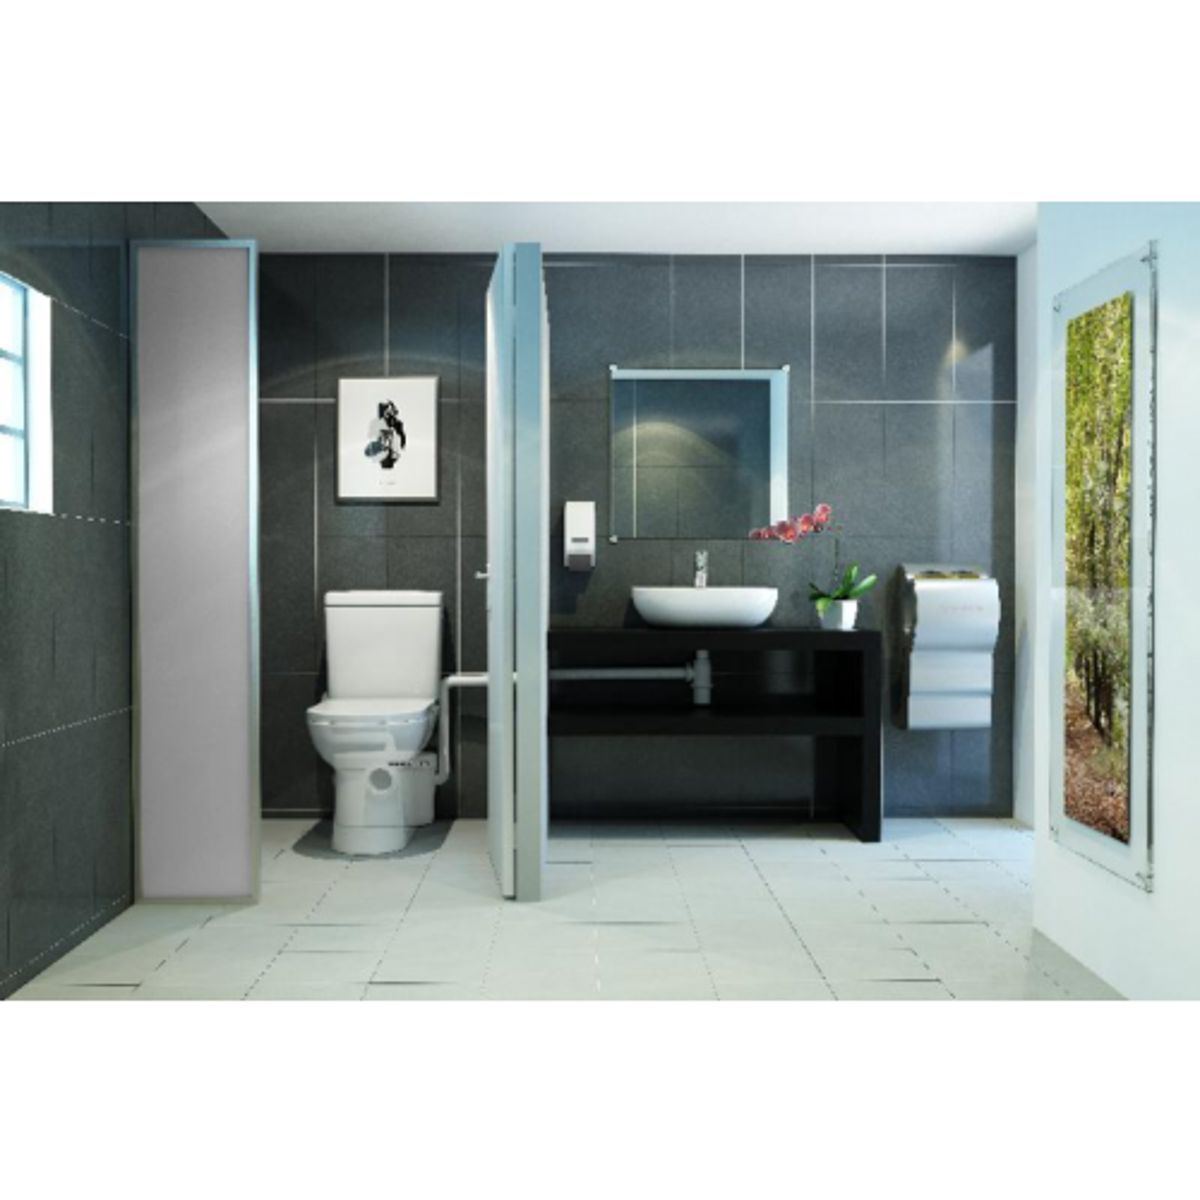 SaniAccess 2 SaniBroyeur toilet